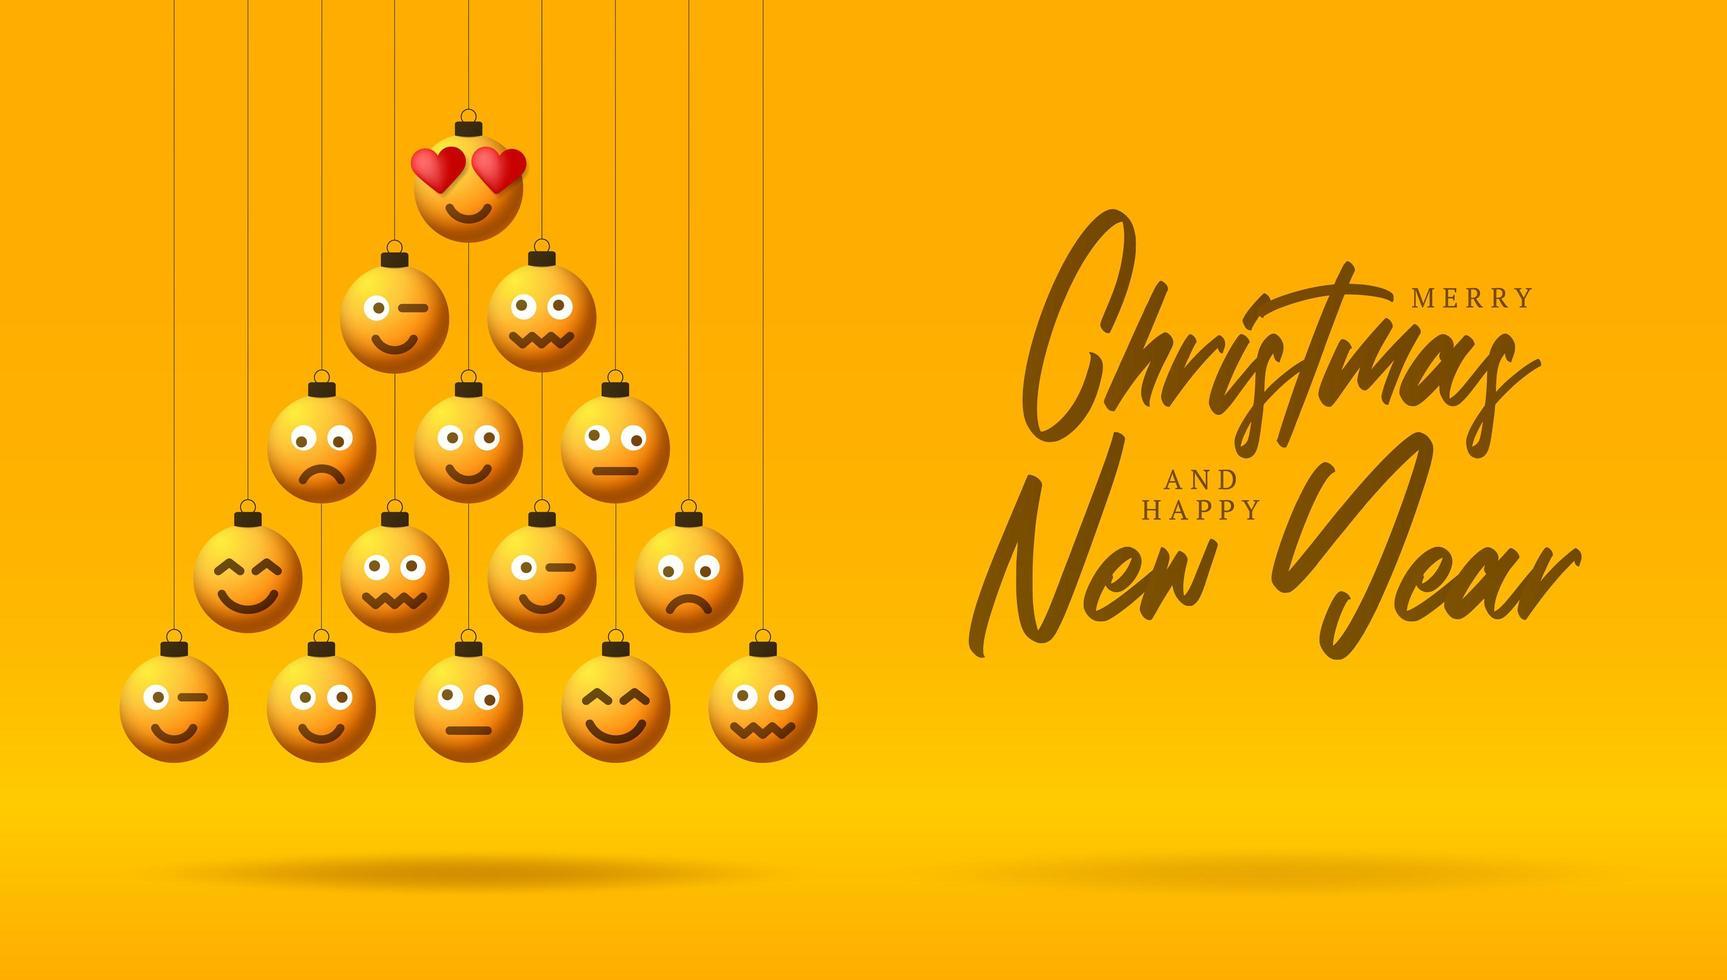 voeux de vacances avec des ornements de visage emoji en forme d'arbre vecteur